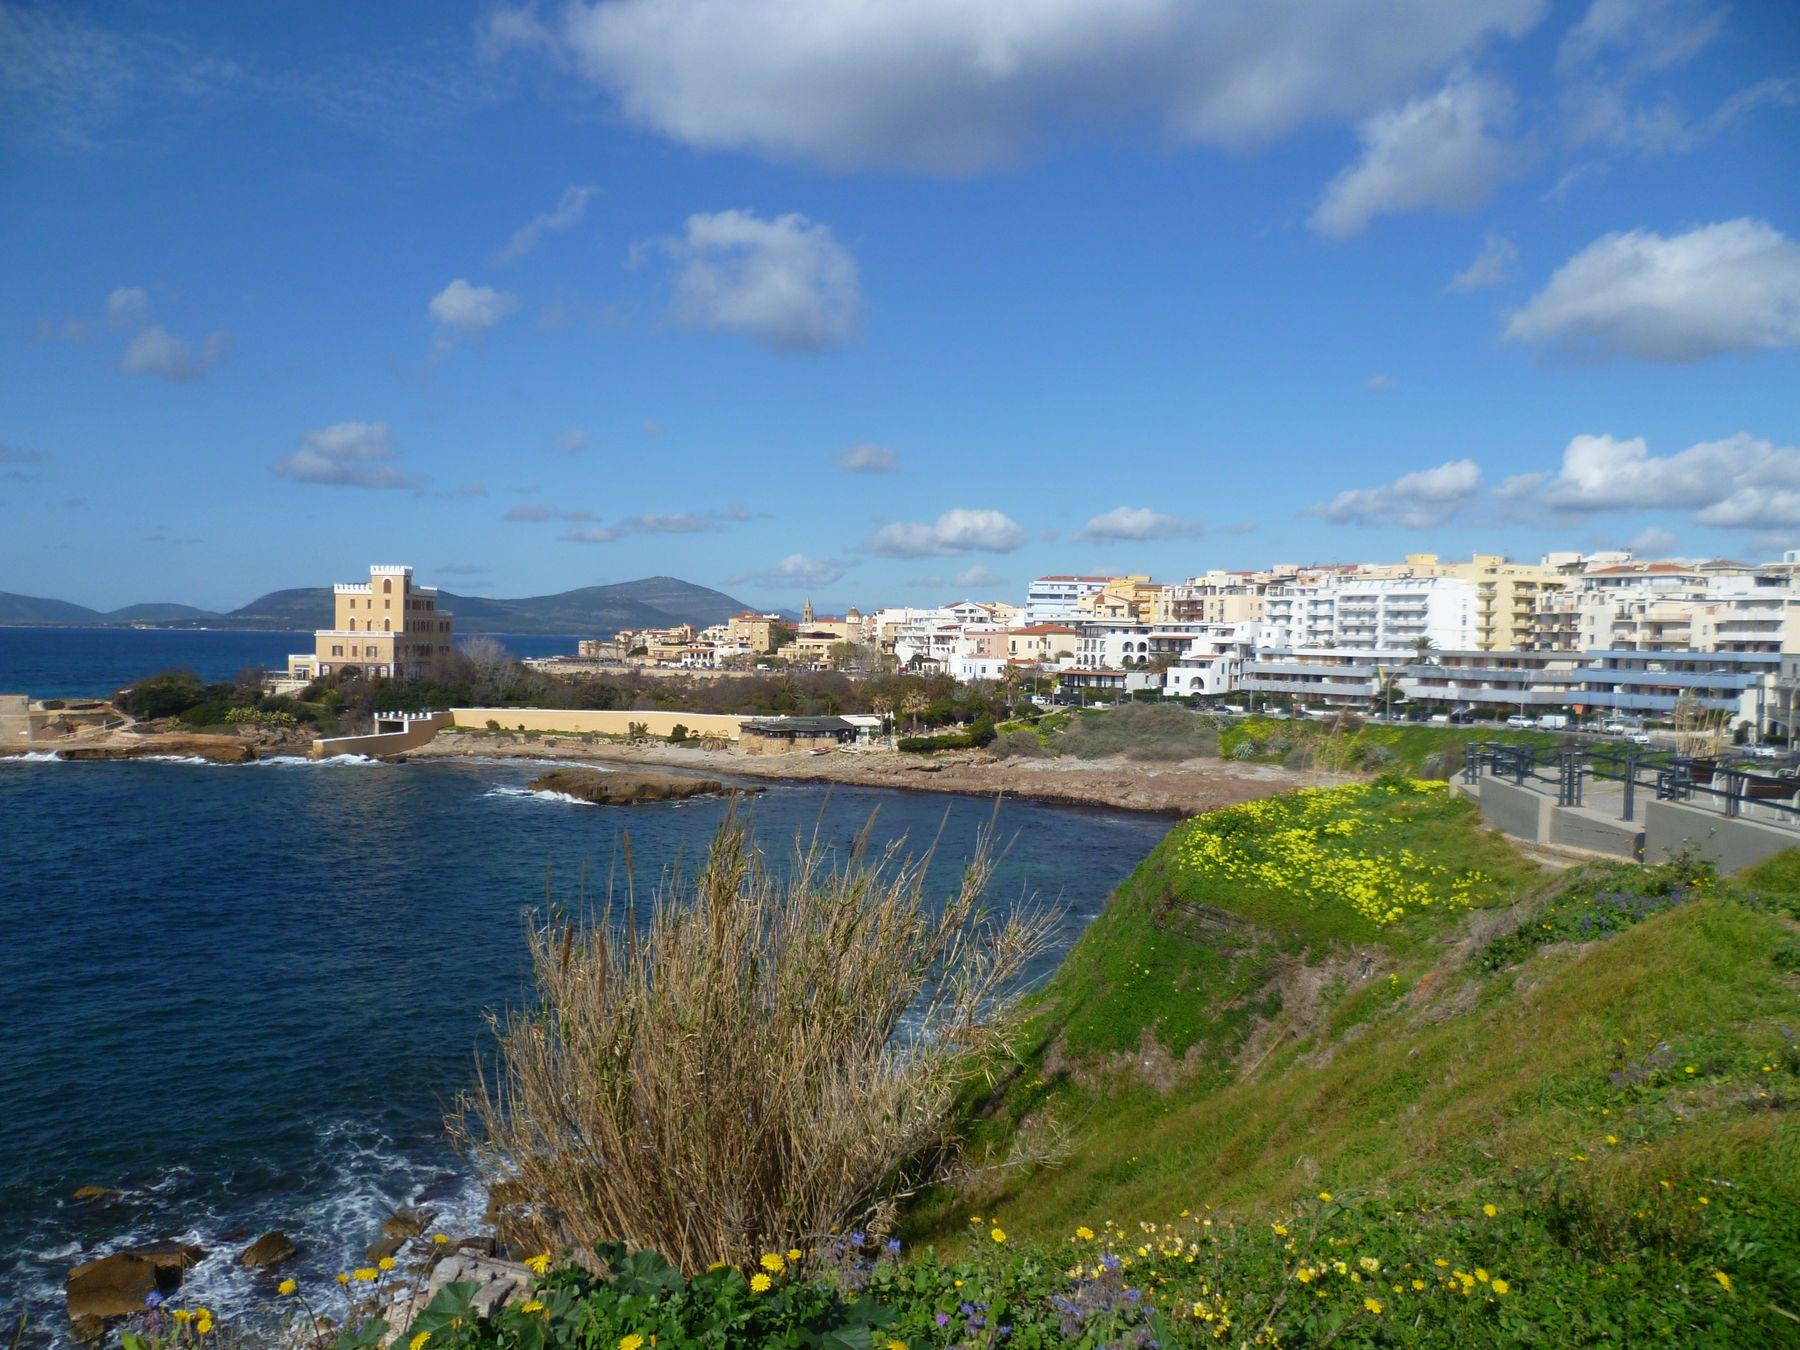 Февраль, все в цвету Сардиния Альгеро февраль цветы море облака